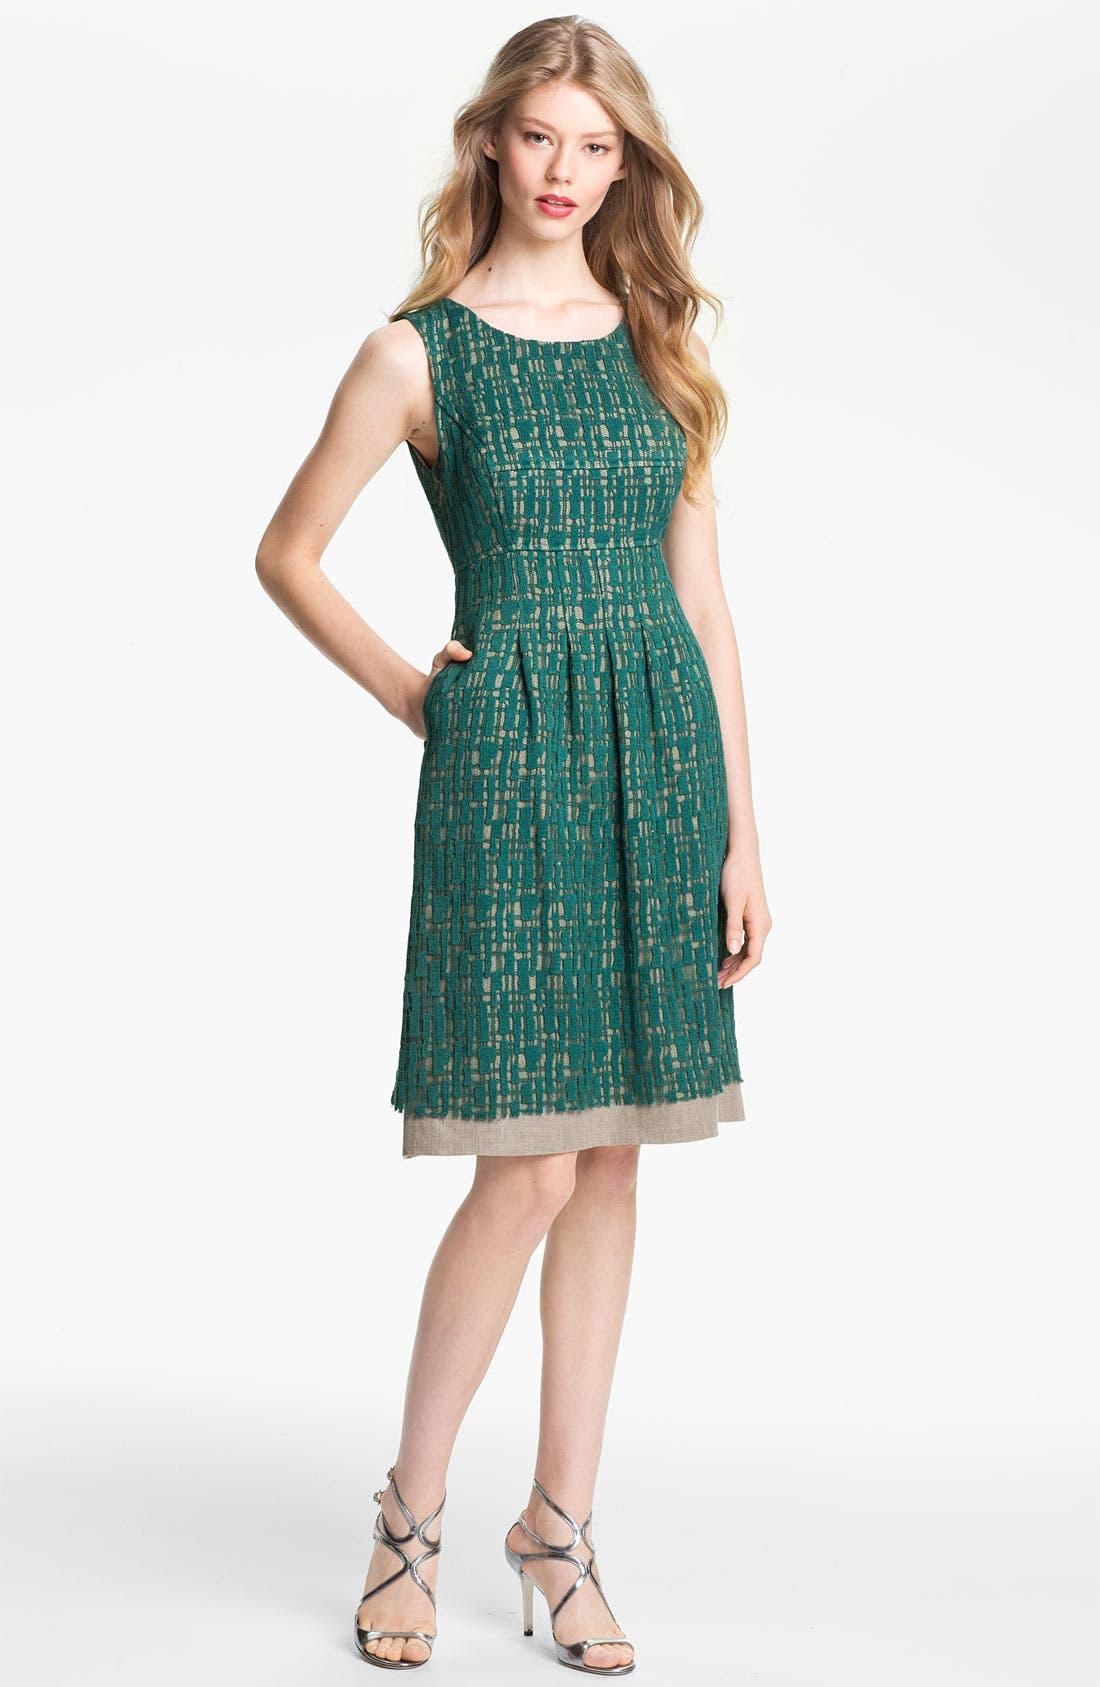 Alternate Image 1 Selected - Lela Rose Lace Overlay Sheath Dress